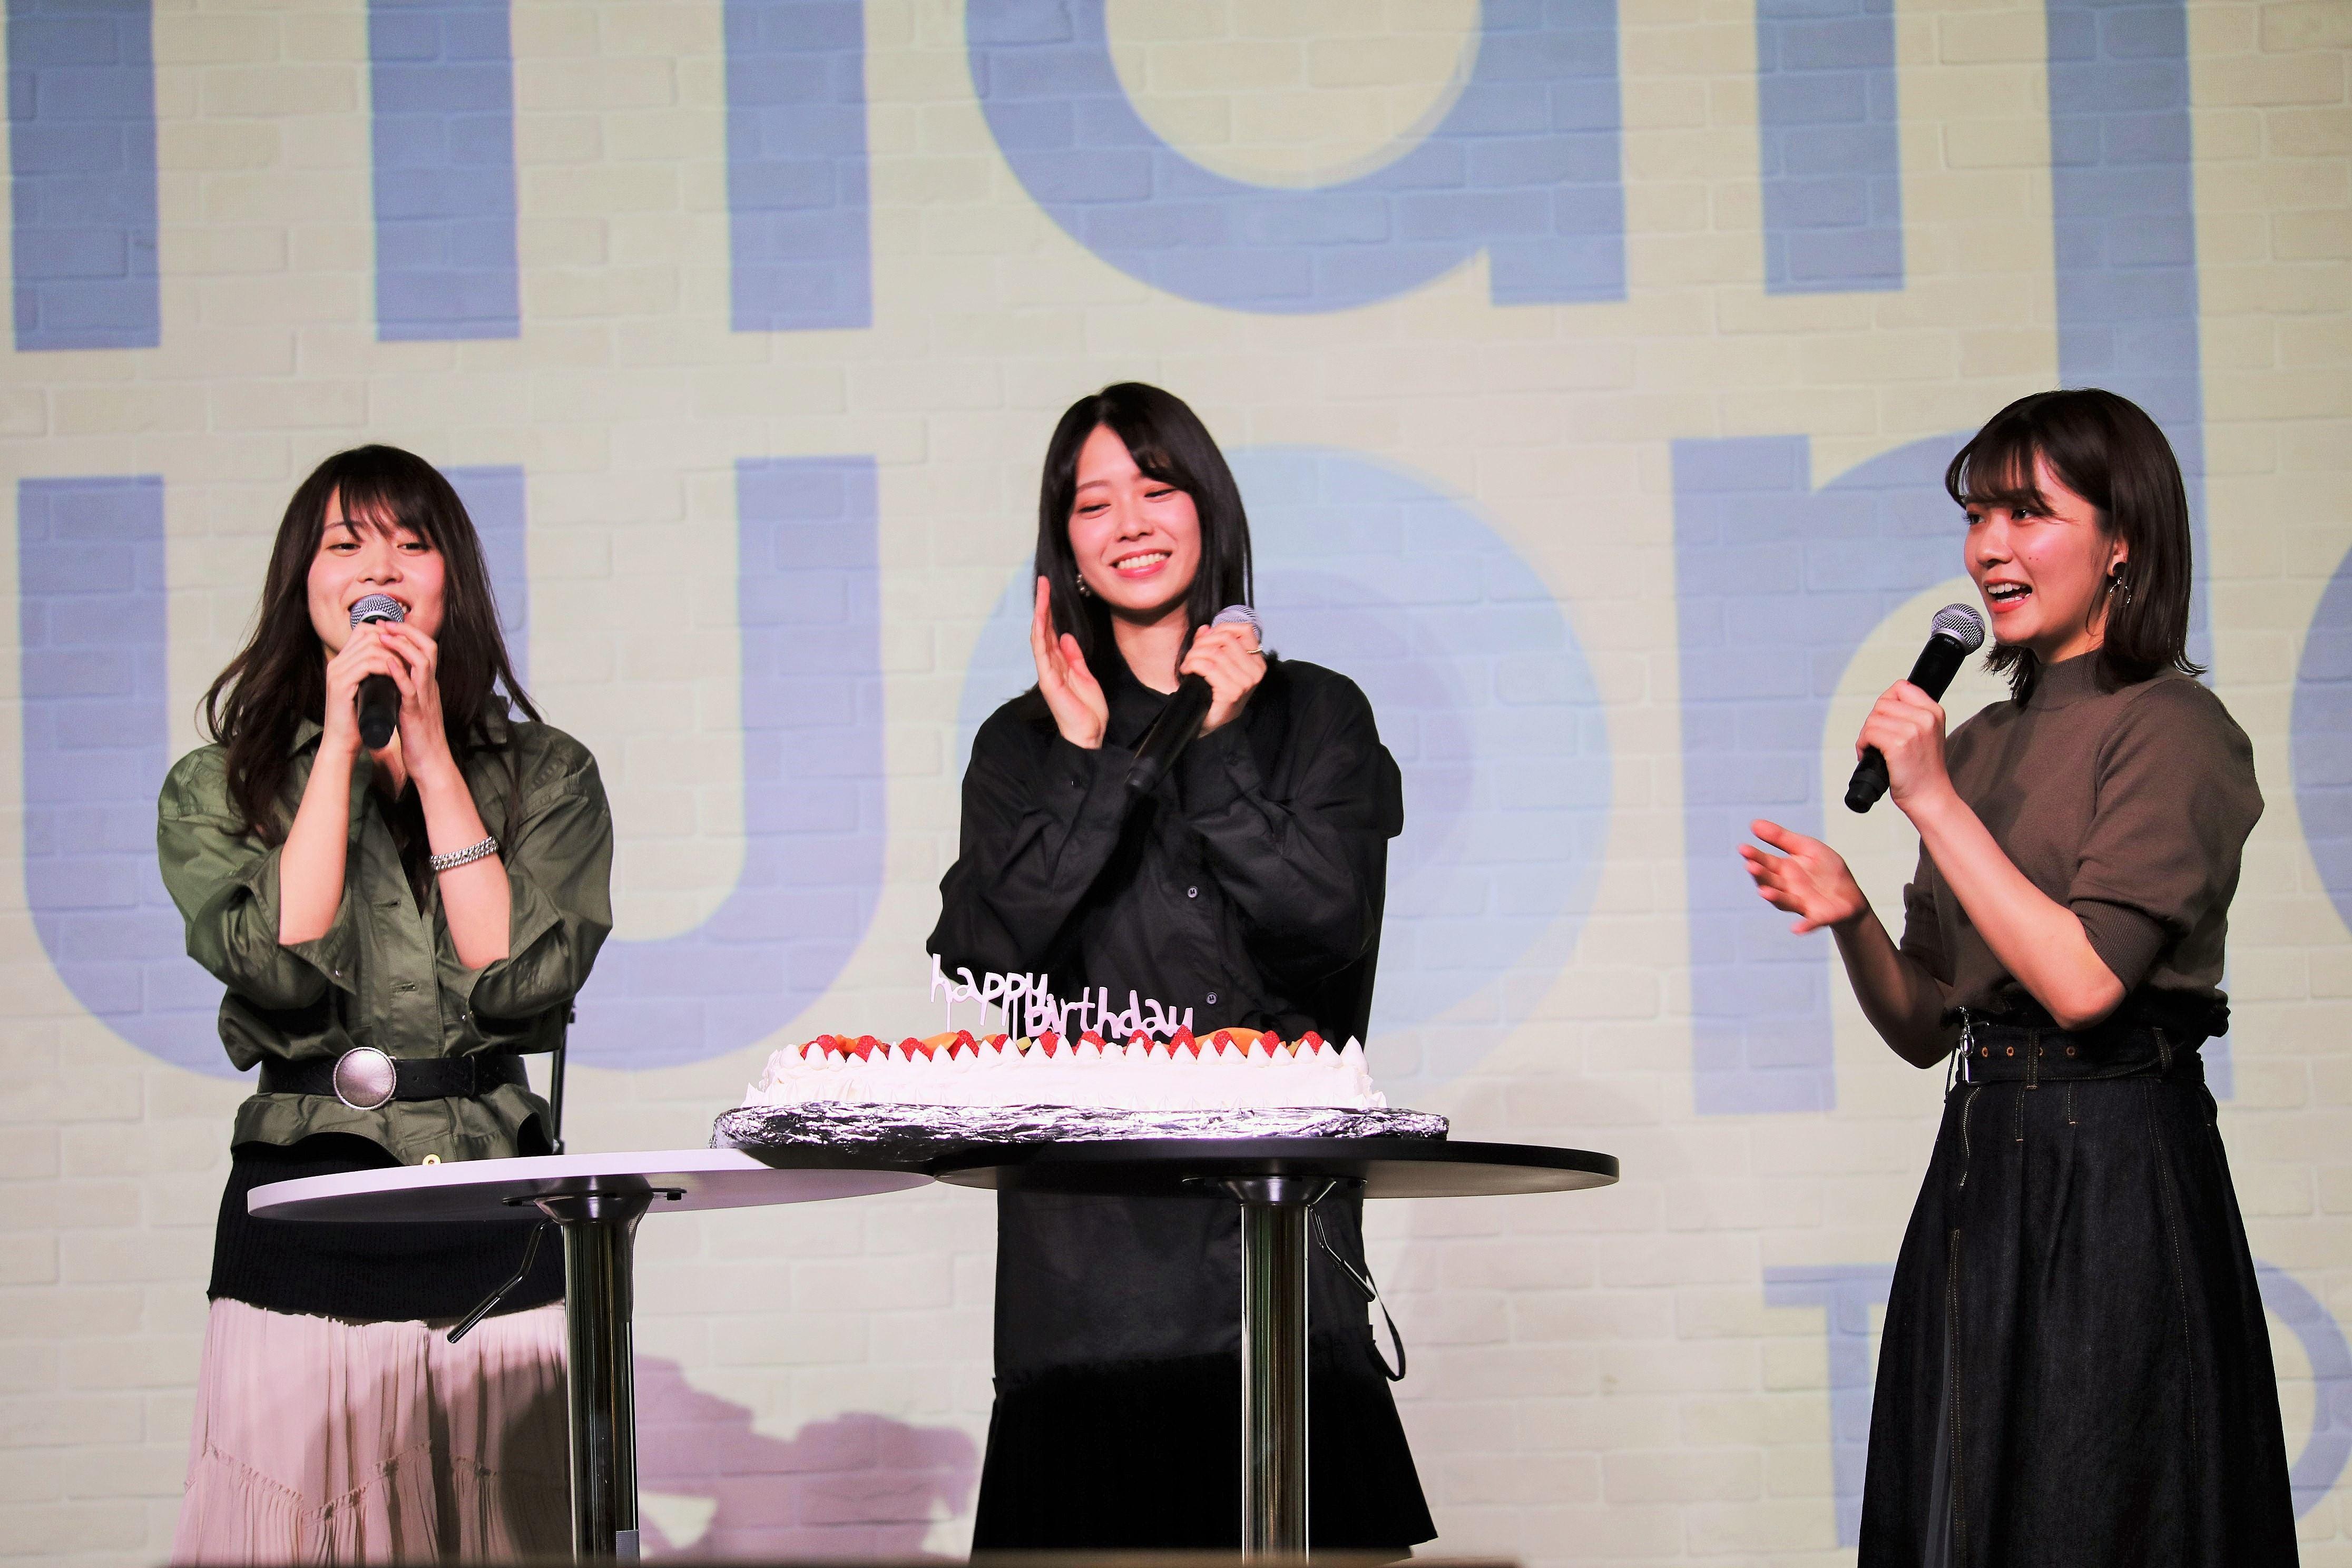 小田えりなの誕生日を祝ってハッピーバースデーを歌う岡部麟と清水麻璃亜